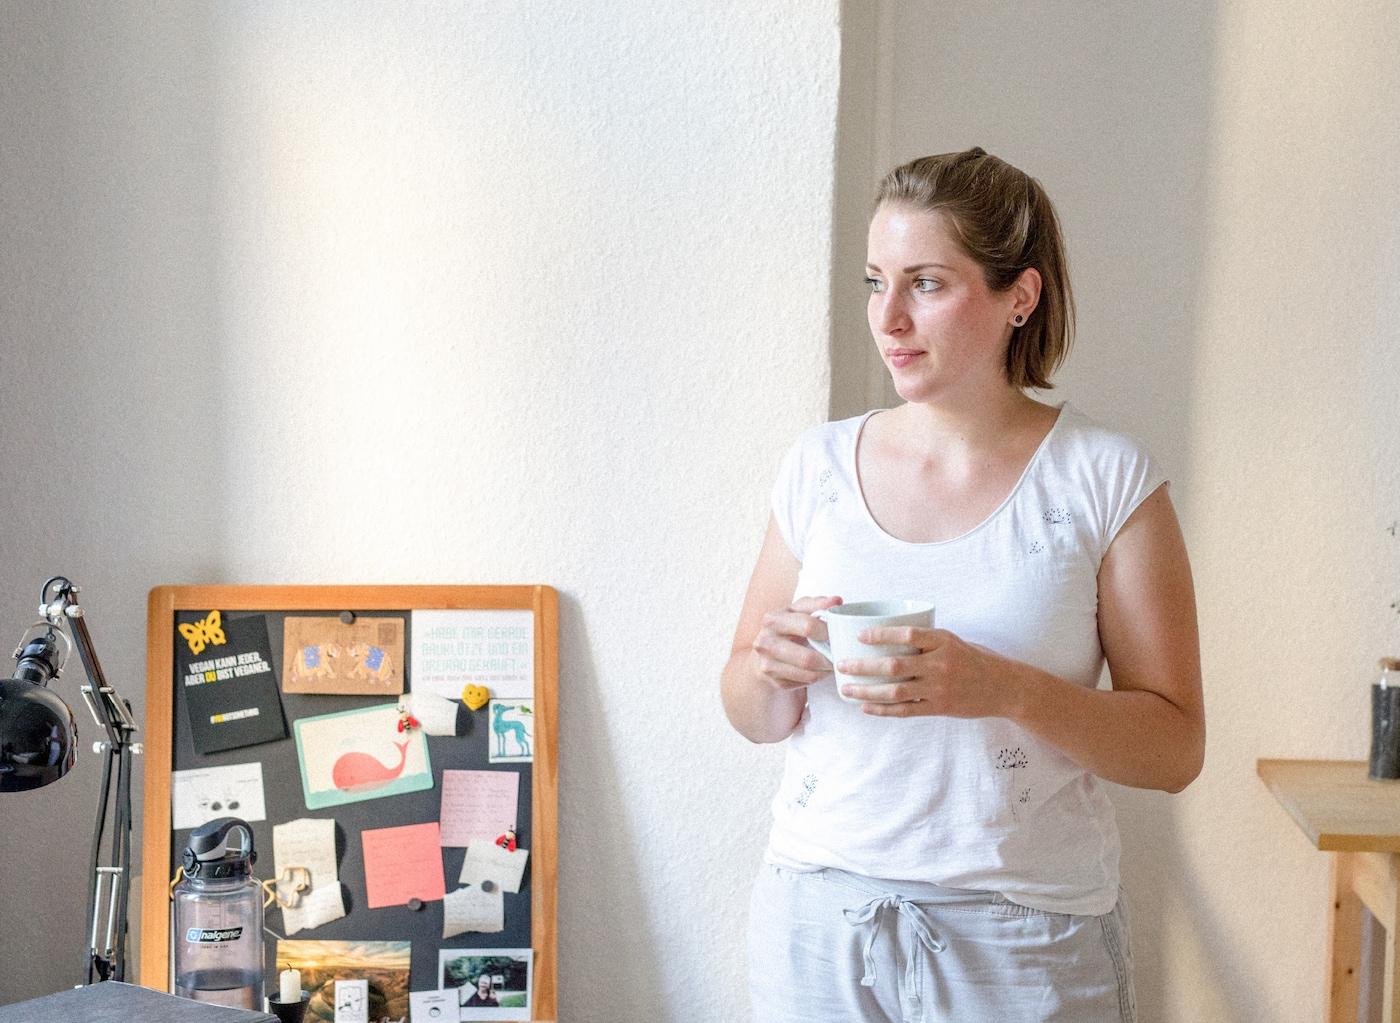 Une jeune femme chez elle, une tasse de thé à la main, qui regarde par la fenêtre.